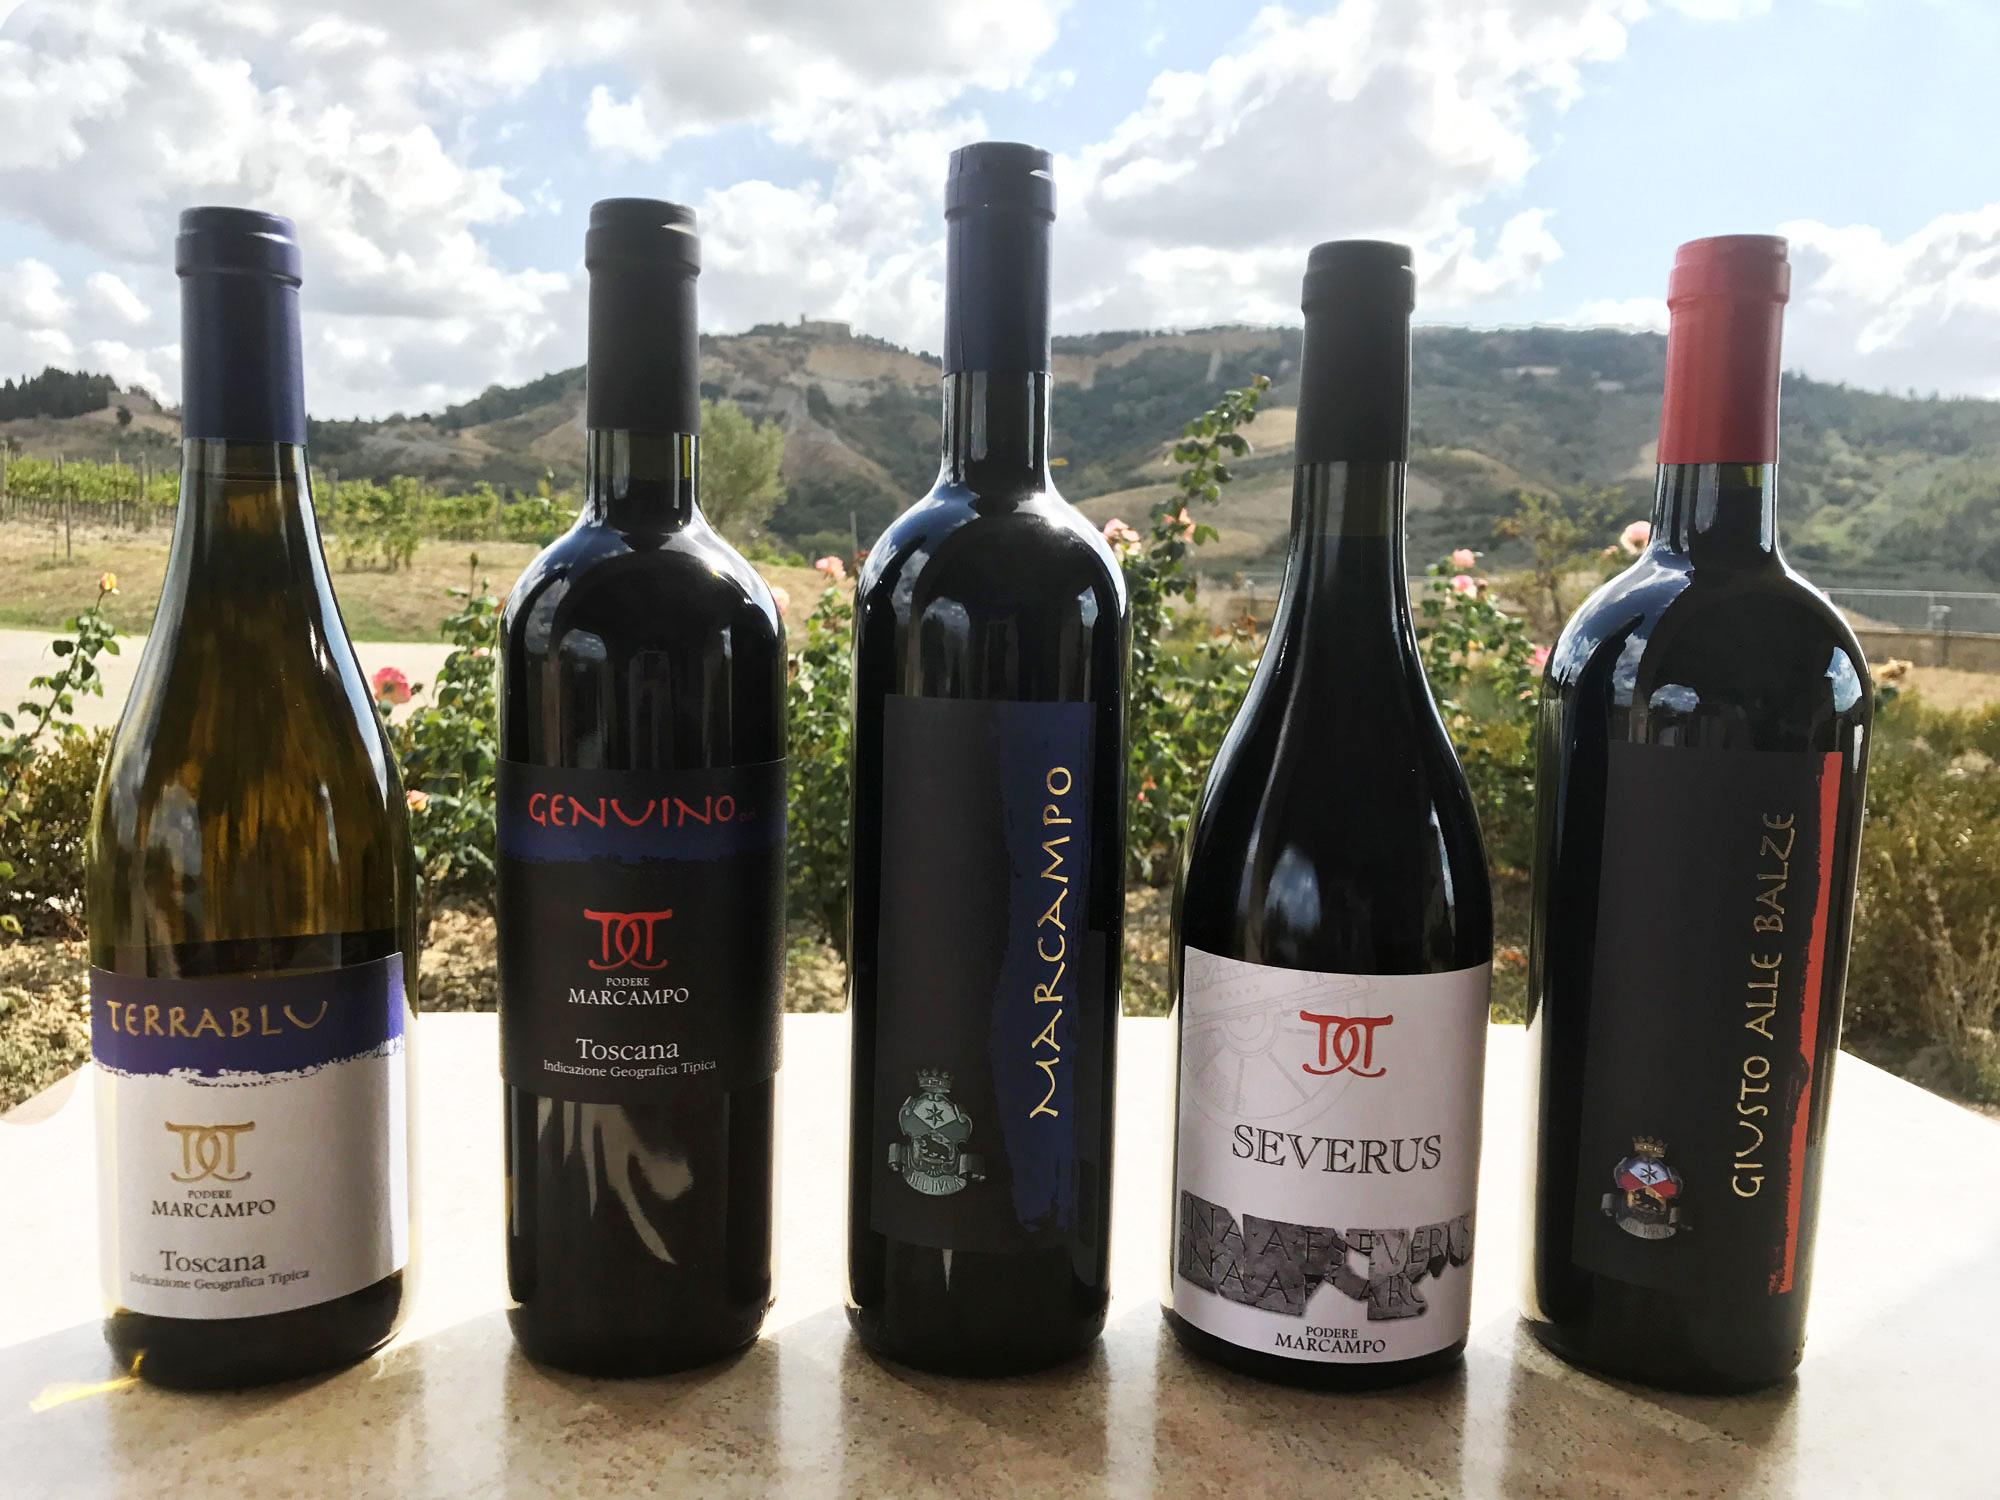 Podere Marcampo Azienda Agricola Toscana Volterra produzione di vini